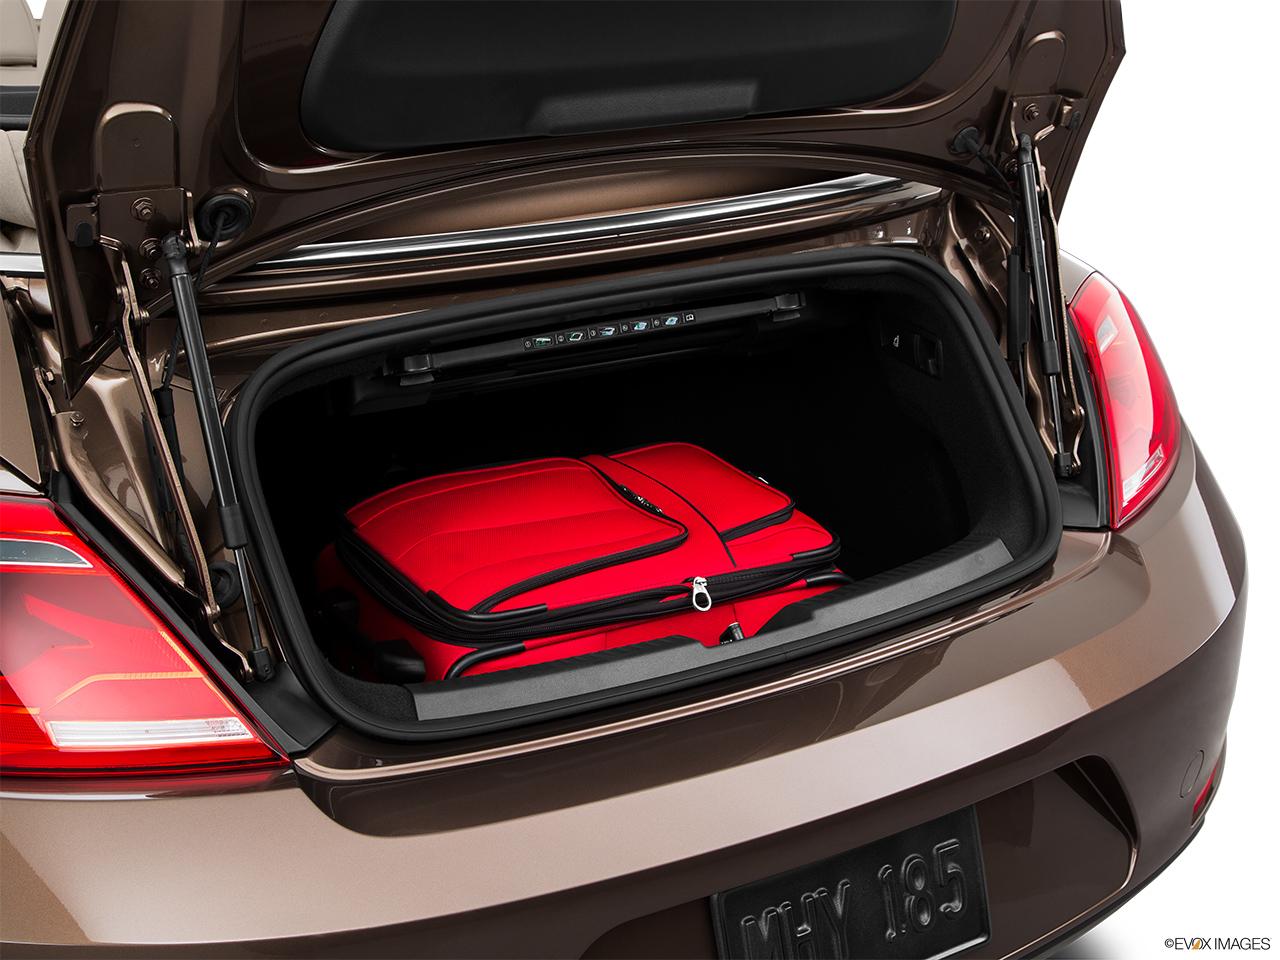 2015 Volkswagen Beetle Convertible 2 Door Auto 1.8T w/Tech - Trunk props & 10240_st1280_122.jpg